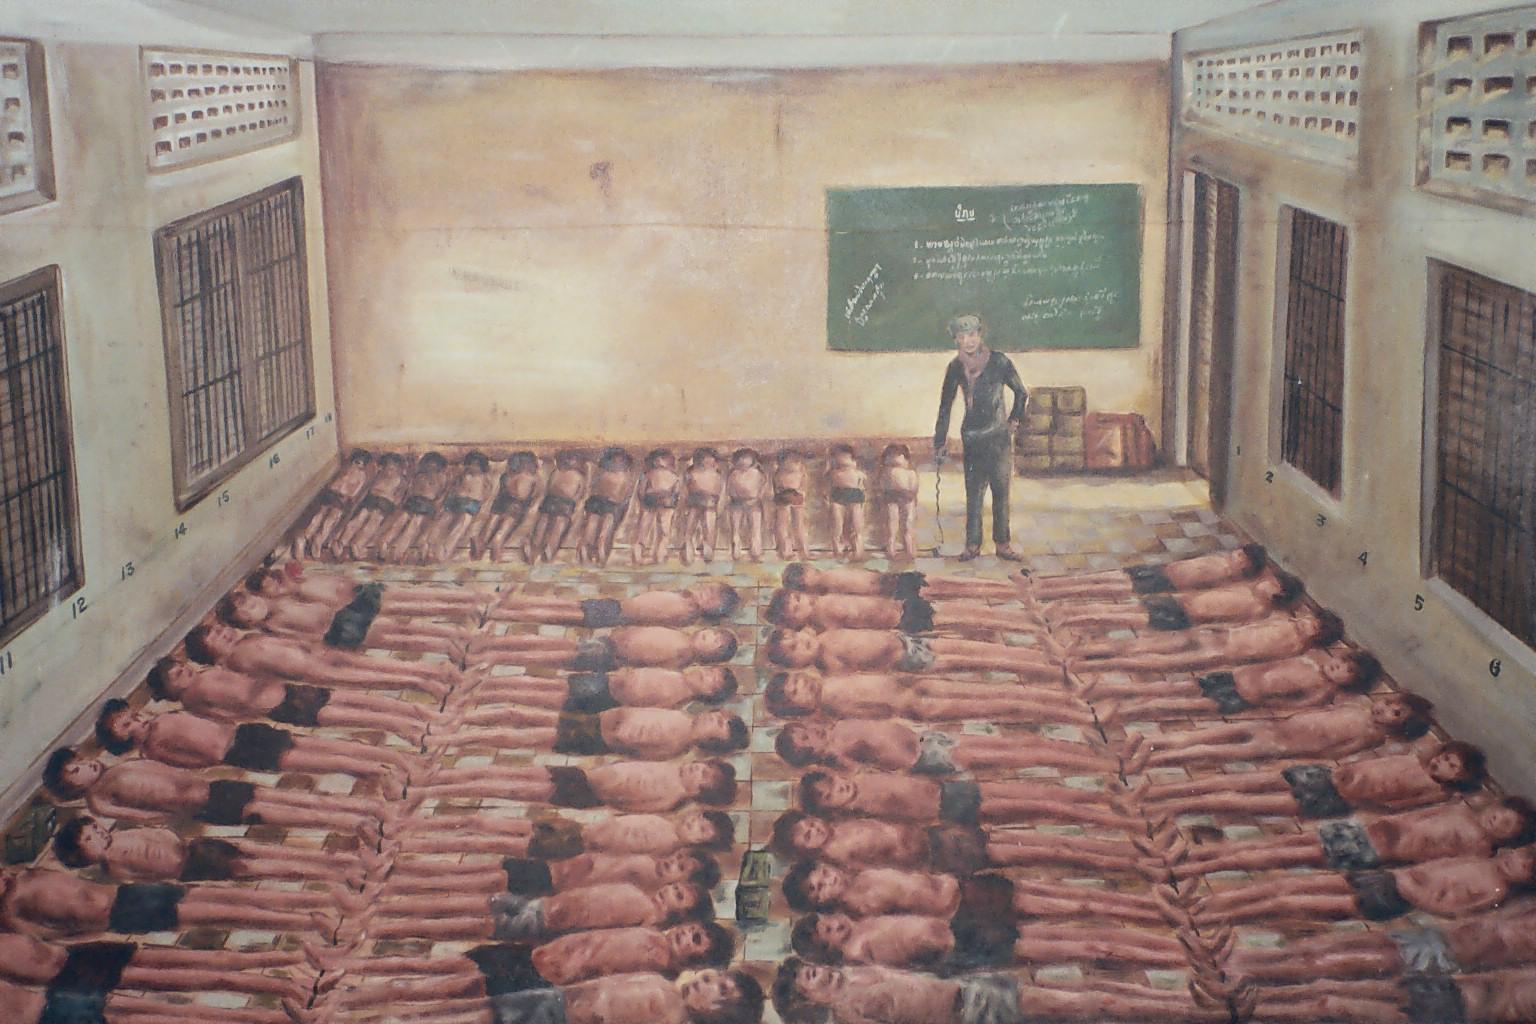 Une école transformée en salle de torture et de mouroir. Source: subliminal.org